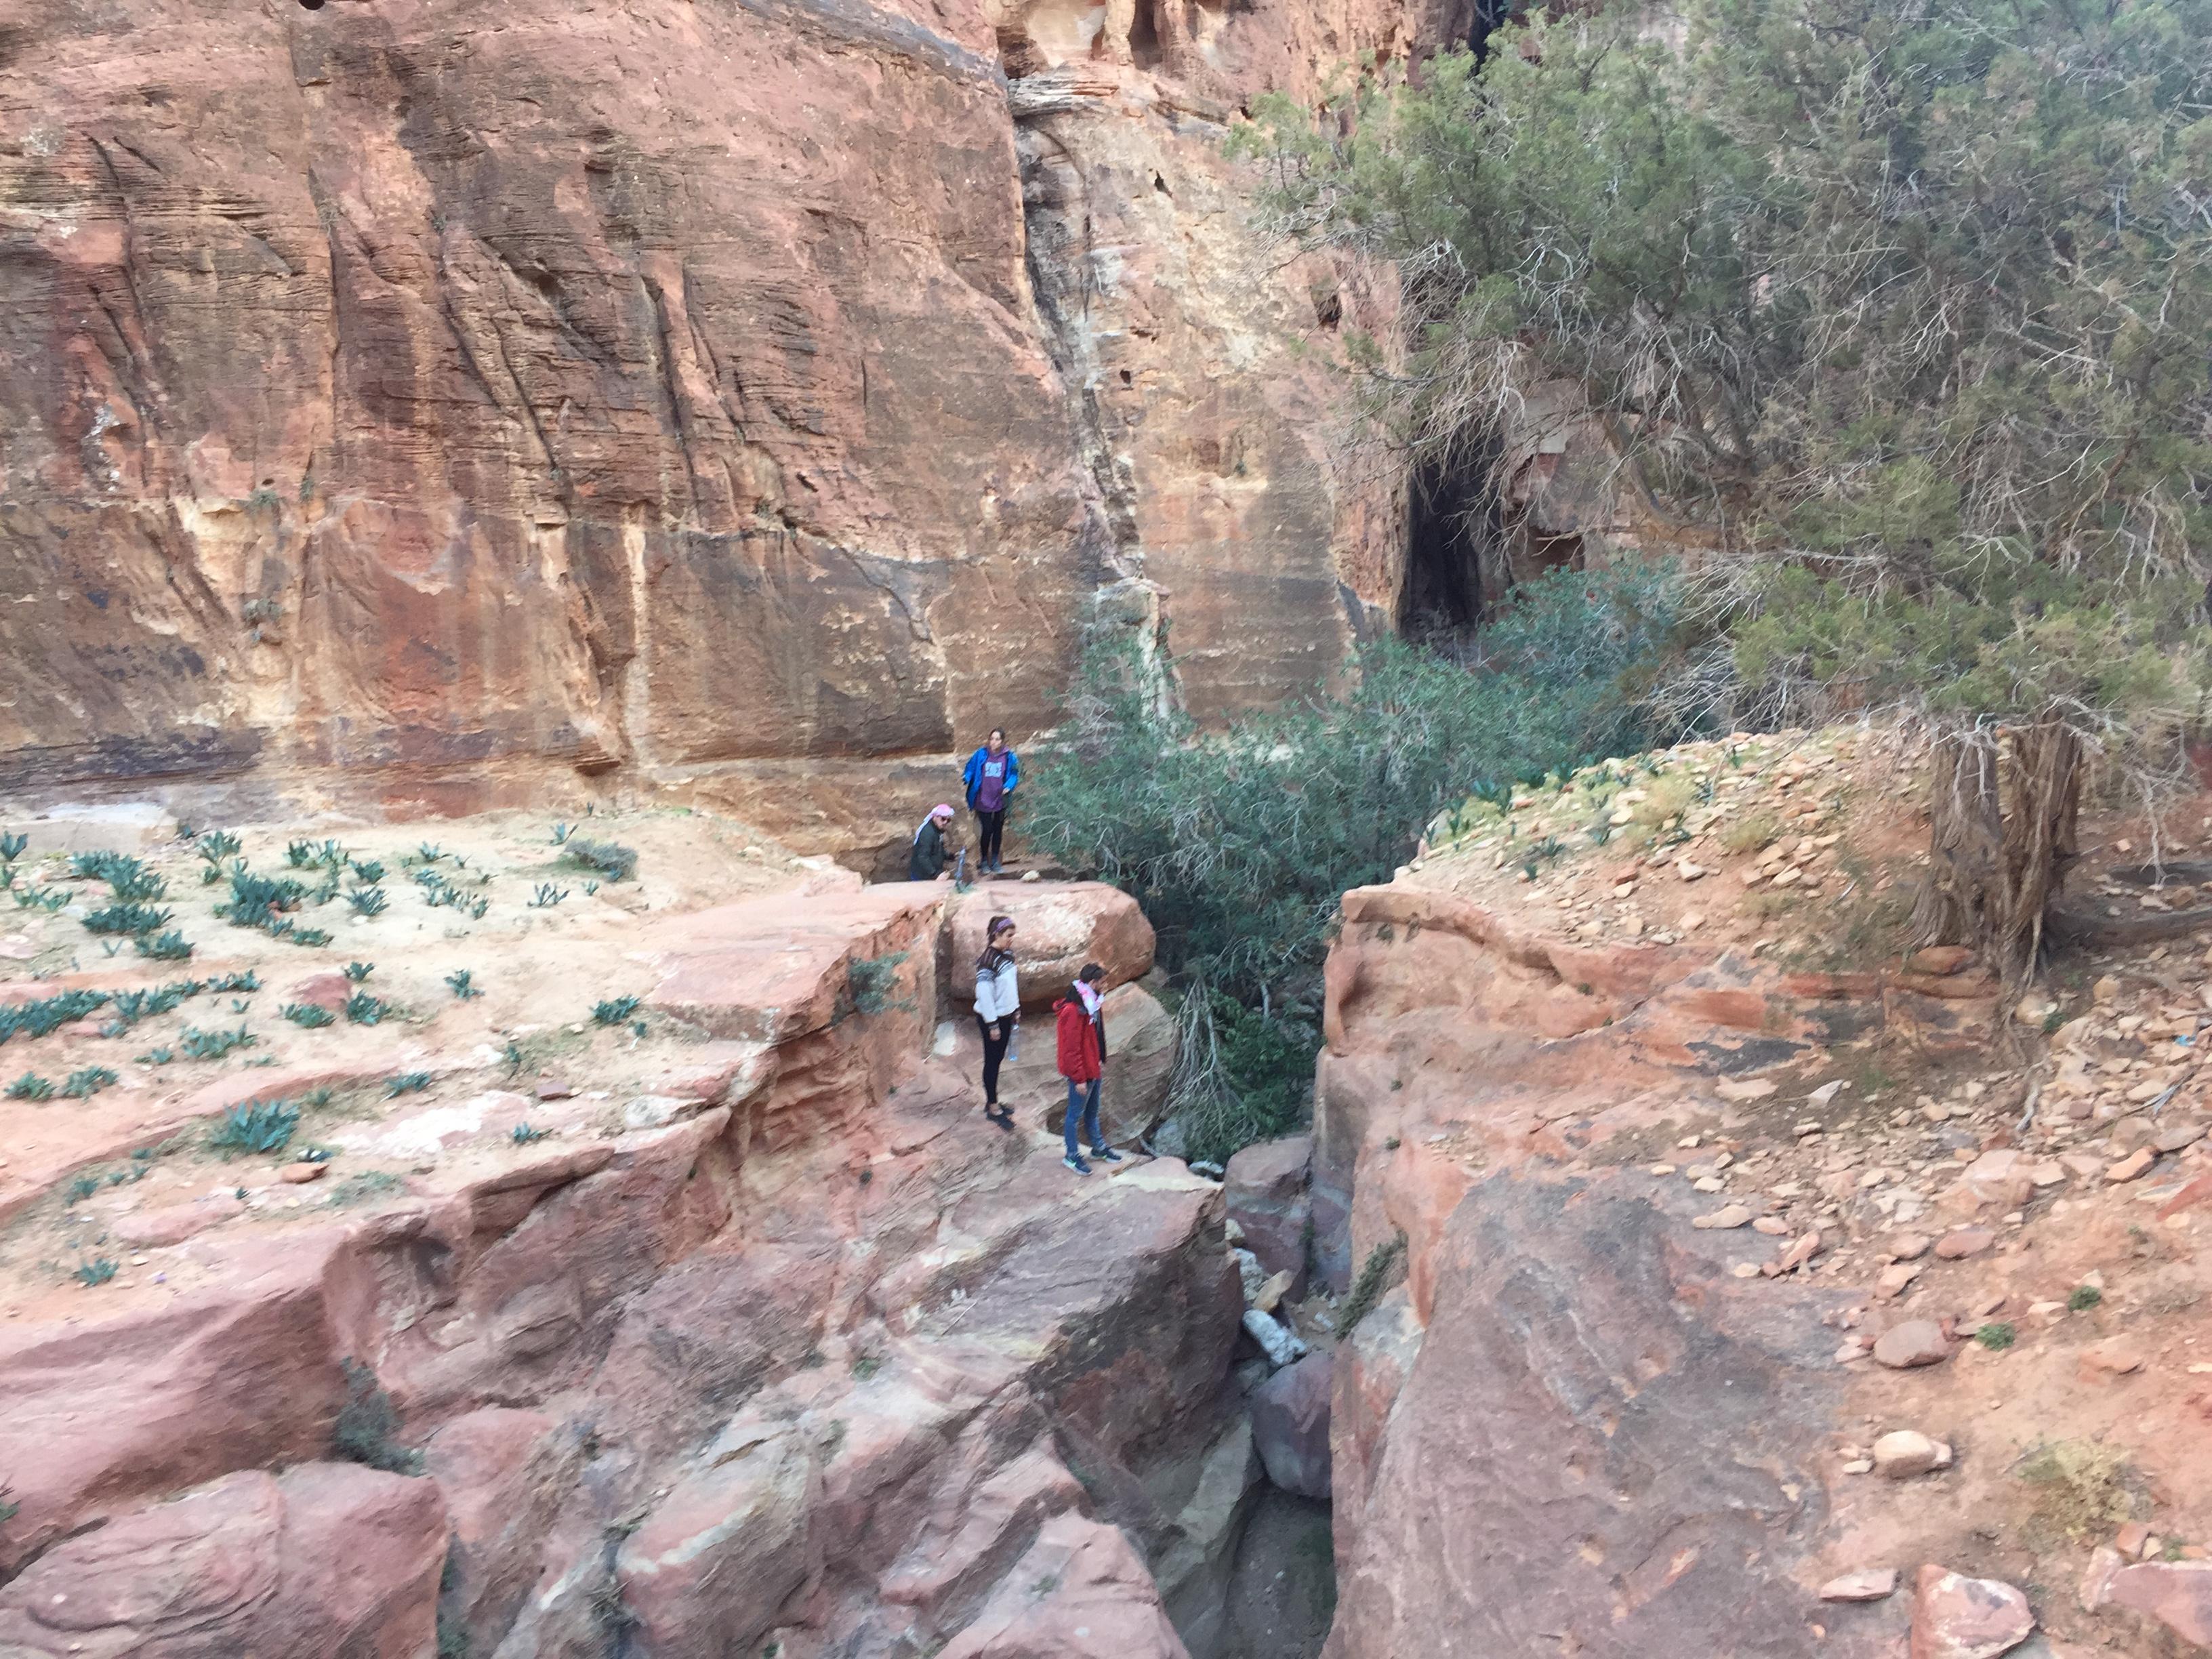 Petra de mochileroEl sendero que lleva a ver el tesoro de Petra desde arriba; visitando Petra al estilo mochilero